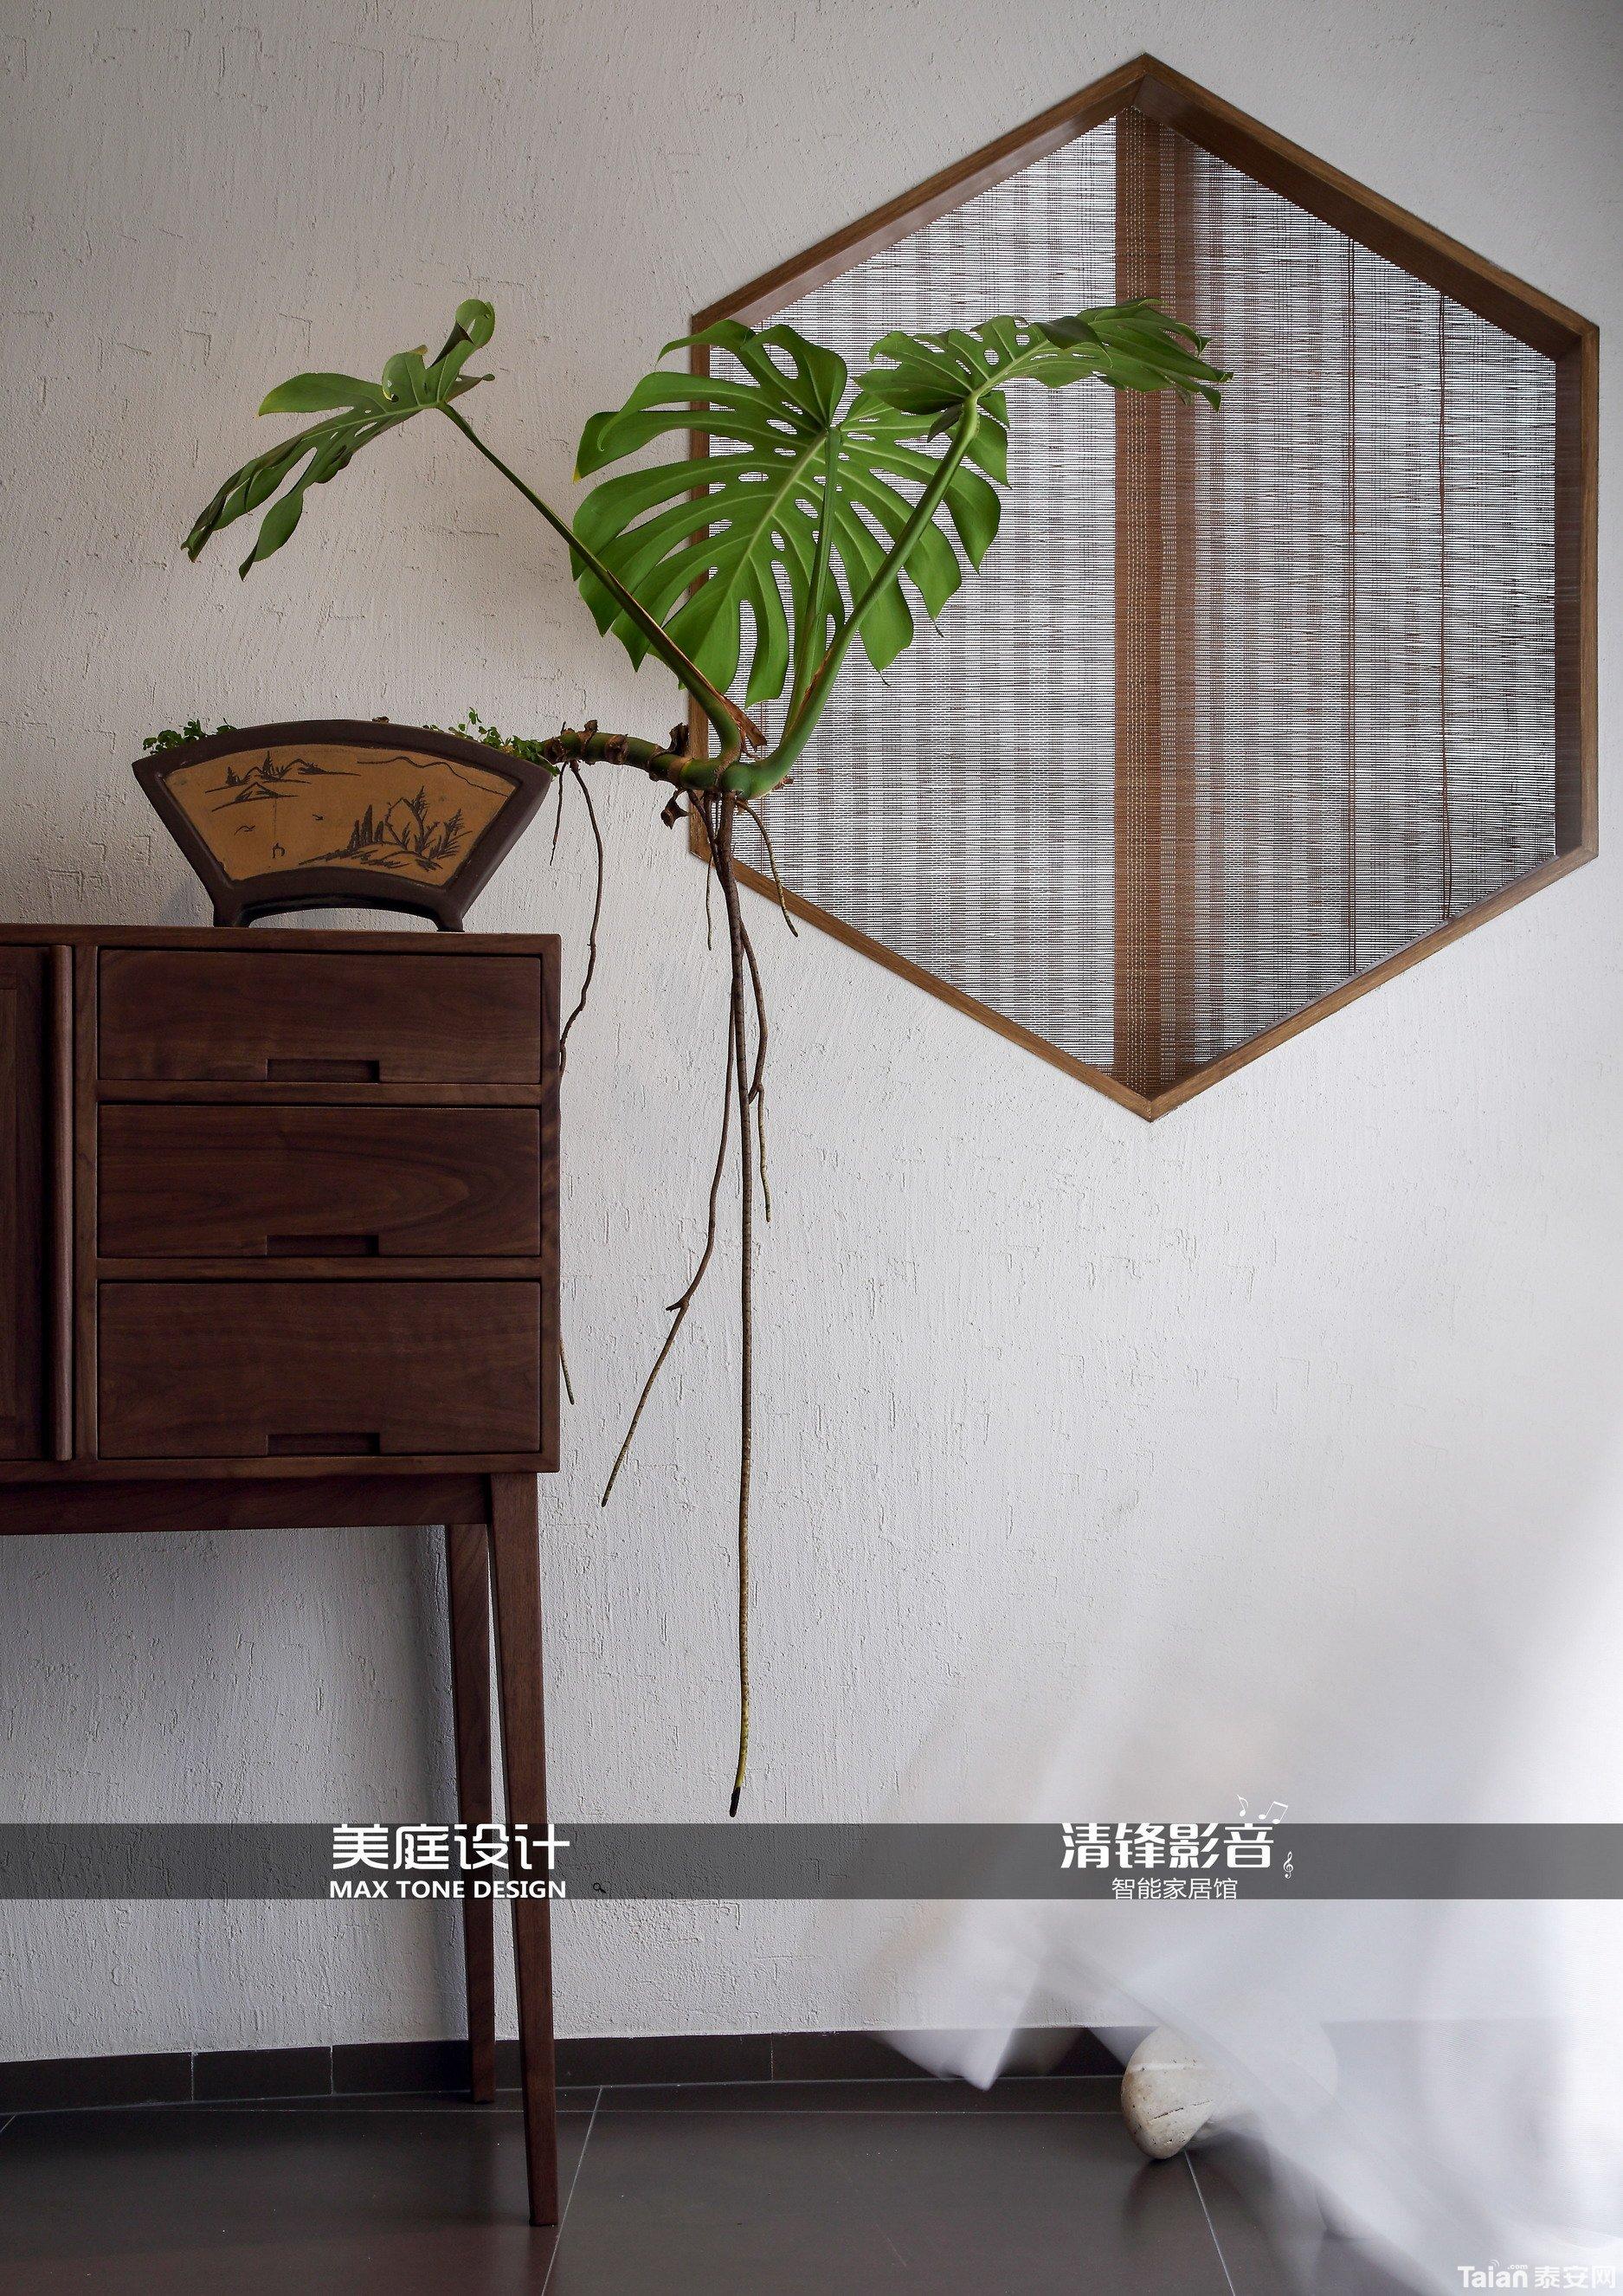 20160521-美庭设计-王峰-山景叠院-杨森11副本.jpg